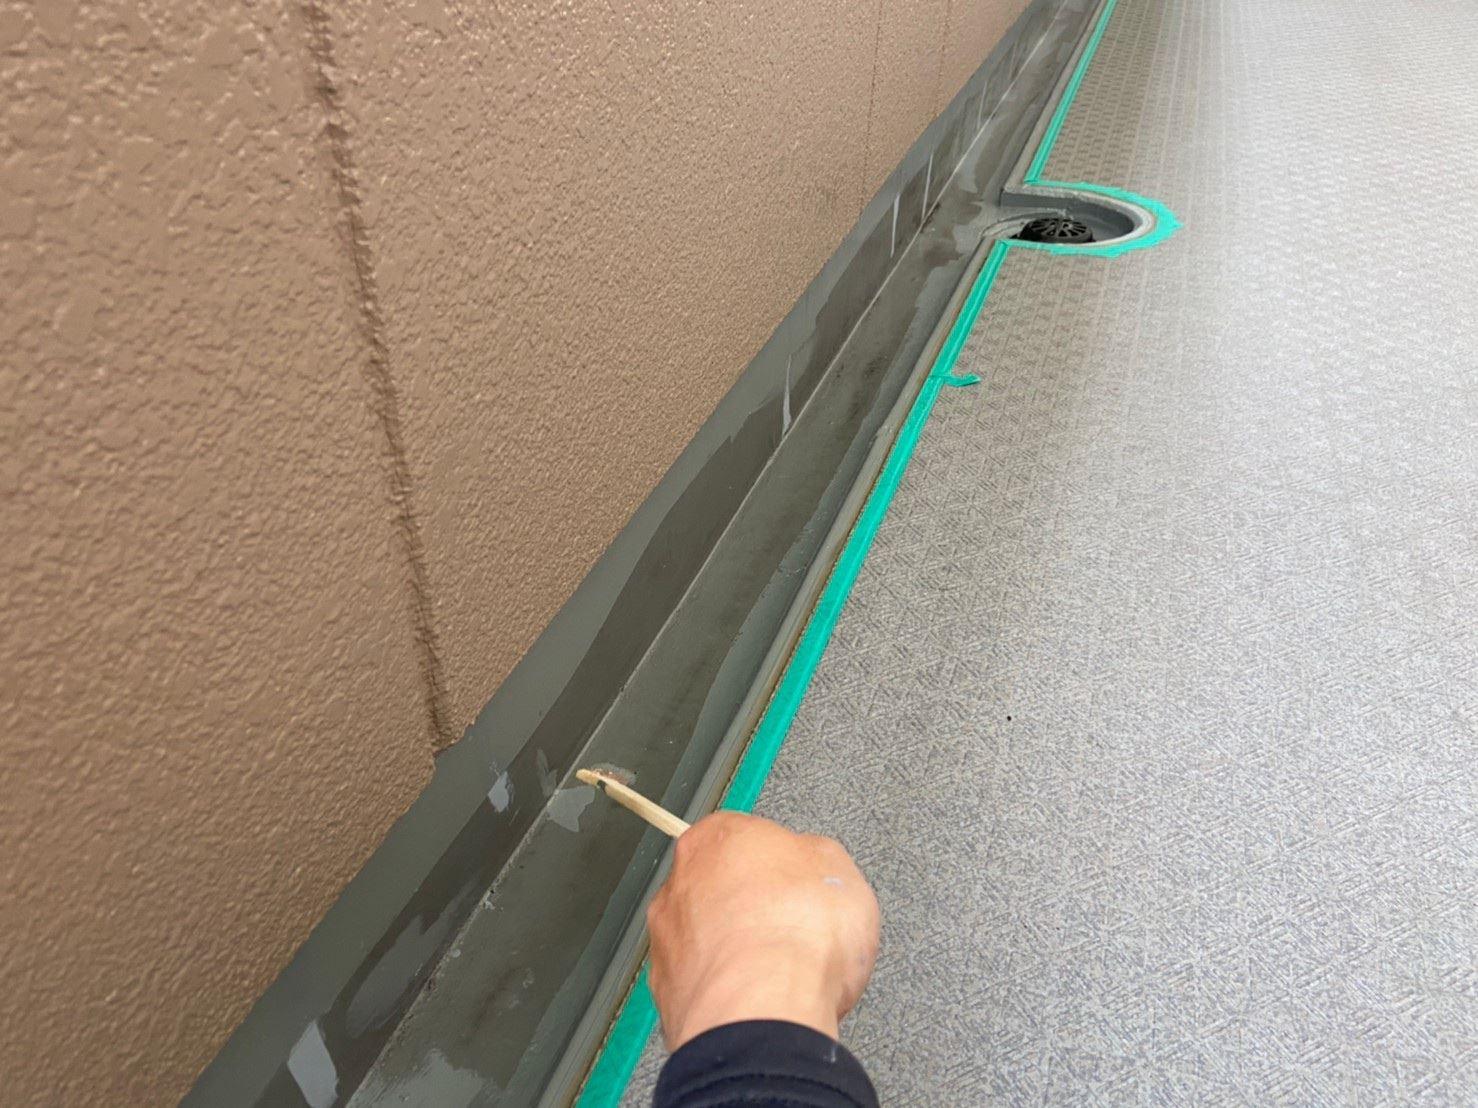 さいたま市北区マンション共用部廊下巾木&溝に防水トップ用プライマー塗布